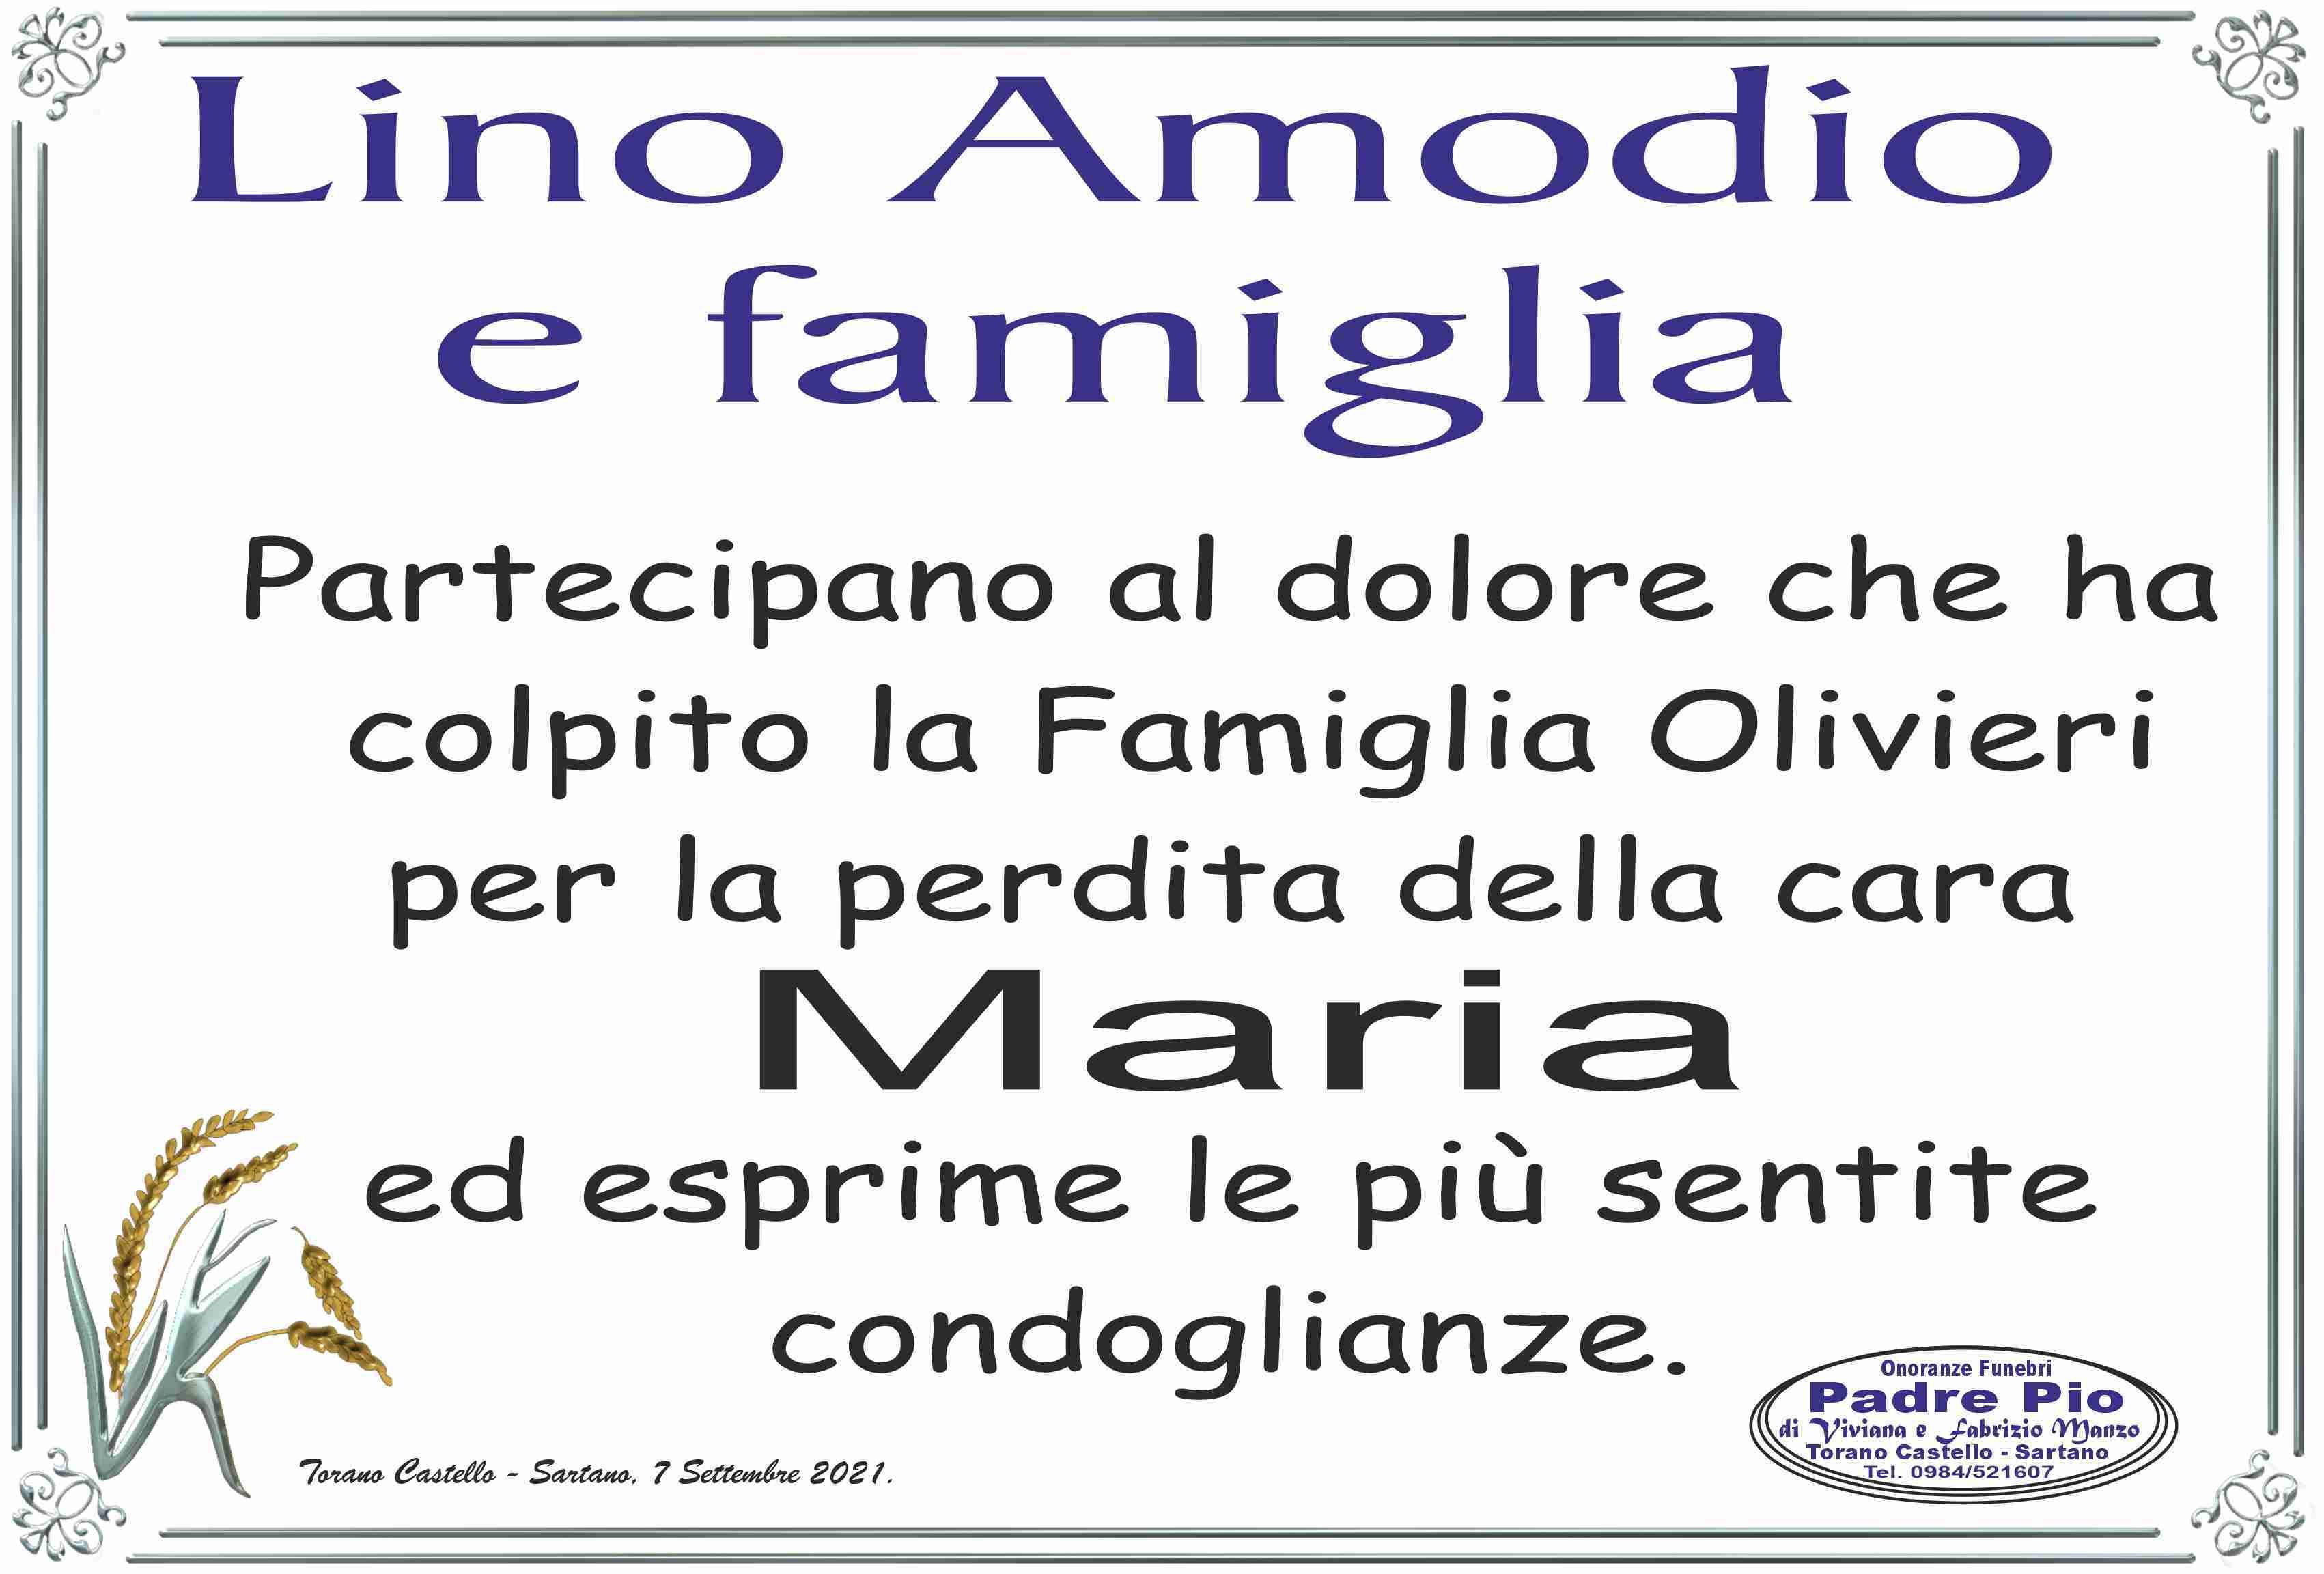 Famiglia Amodio Lino